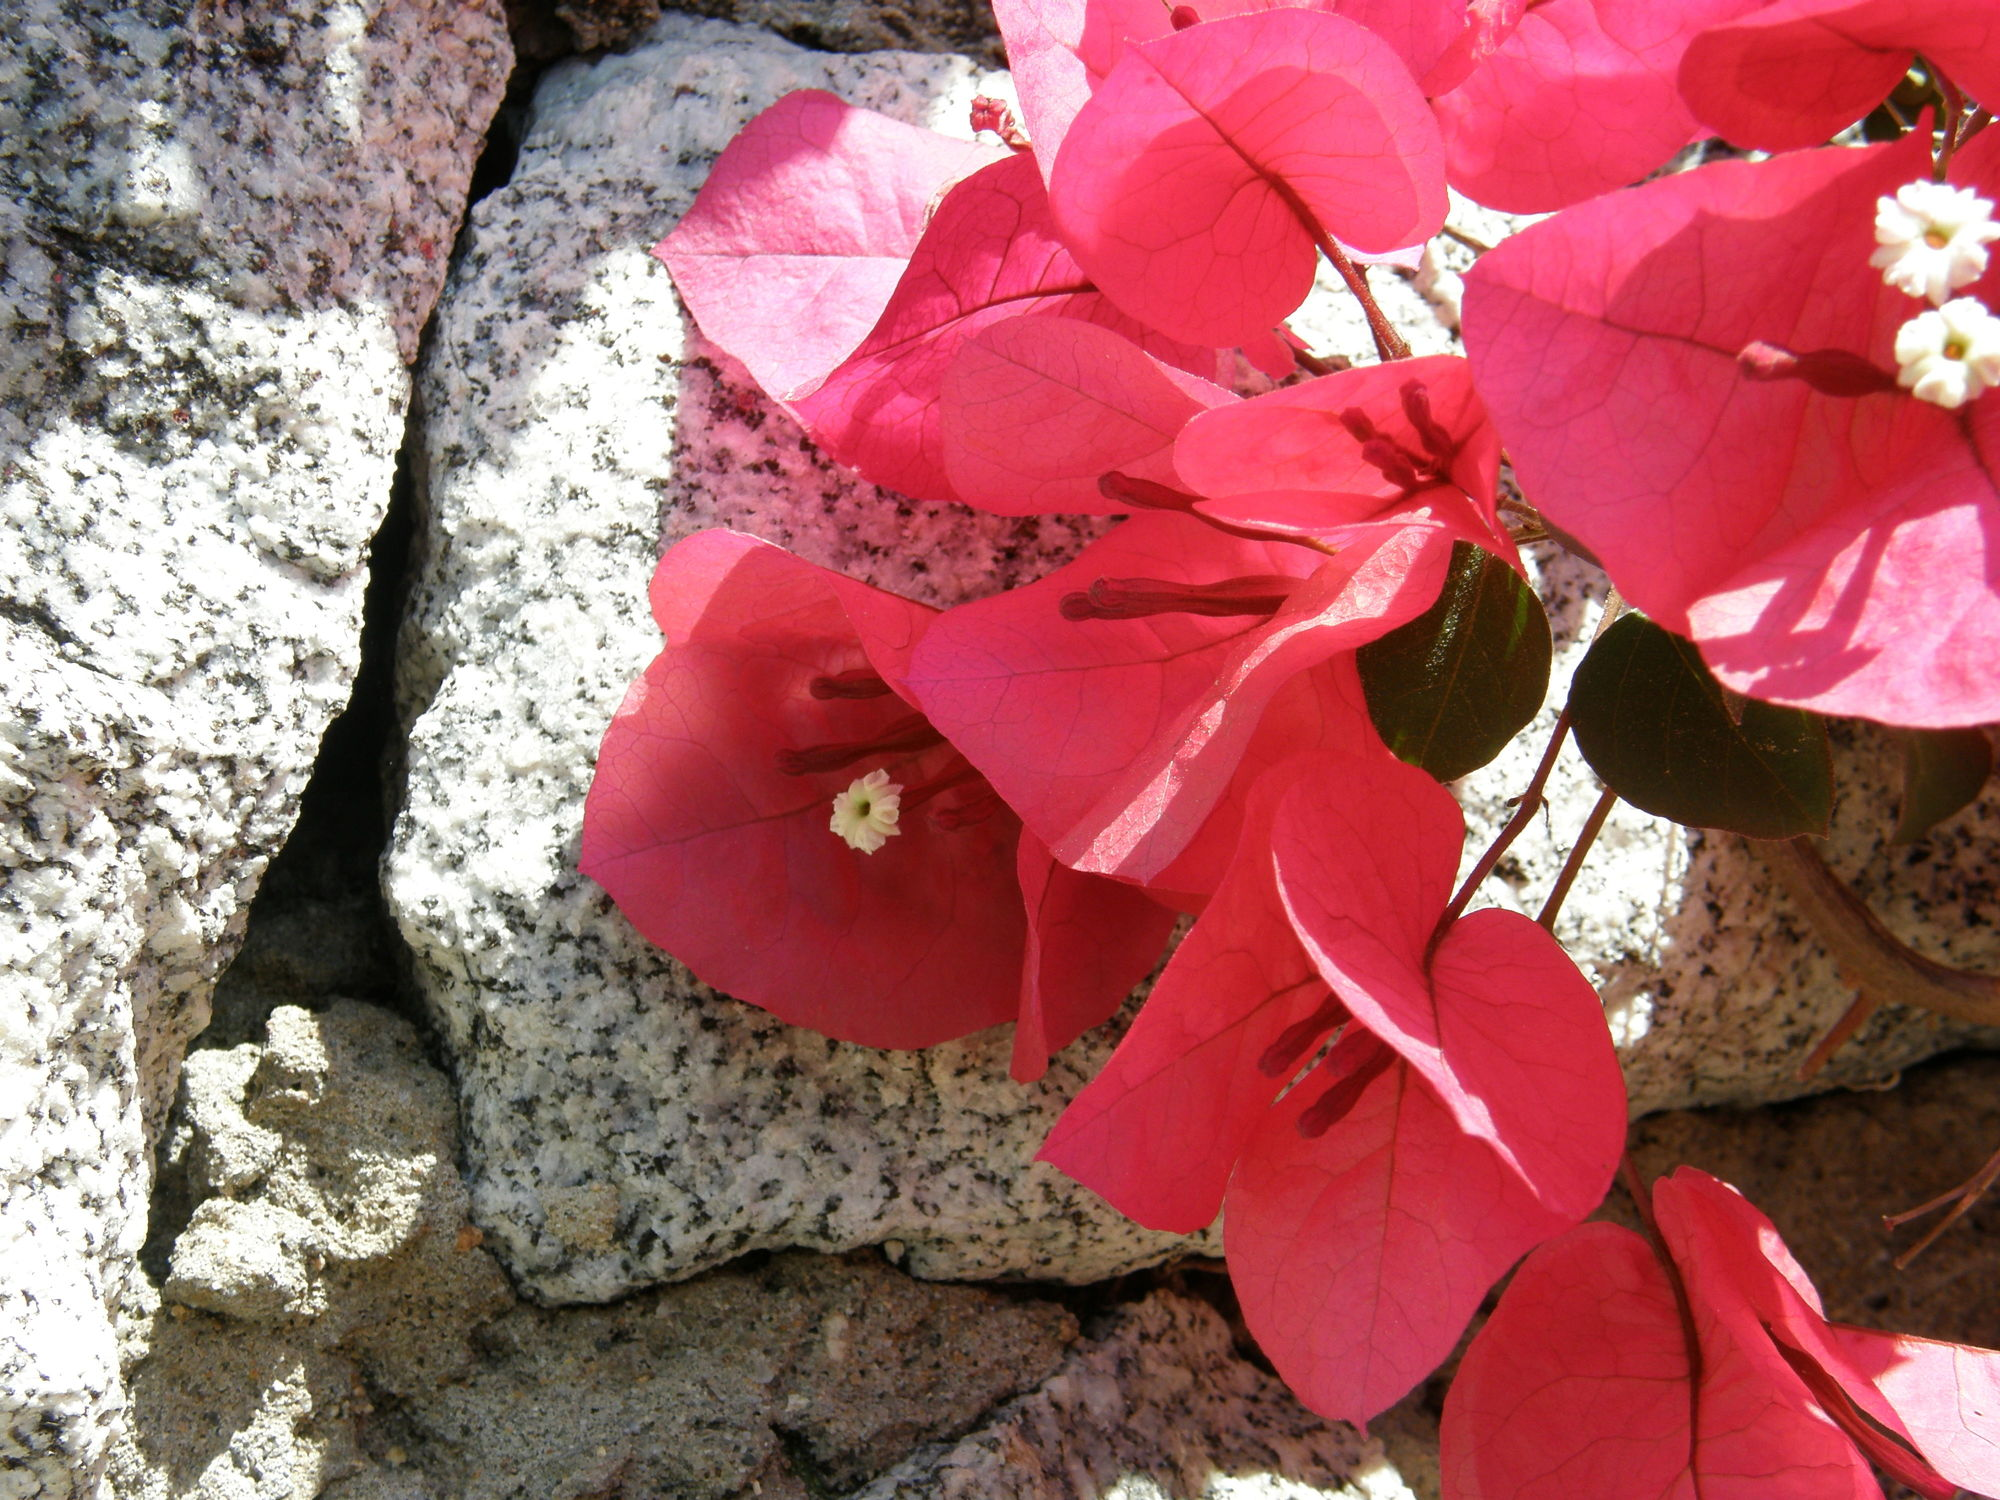 Bild mit Pflanzen, Blumen, Blume, Pflanze, Blütenzauber, Blüten, blüte, mauerblümchen